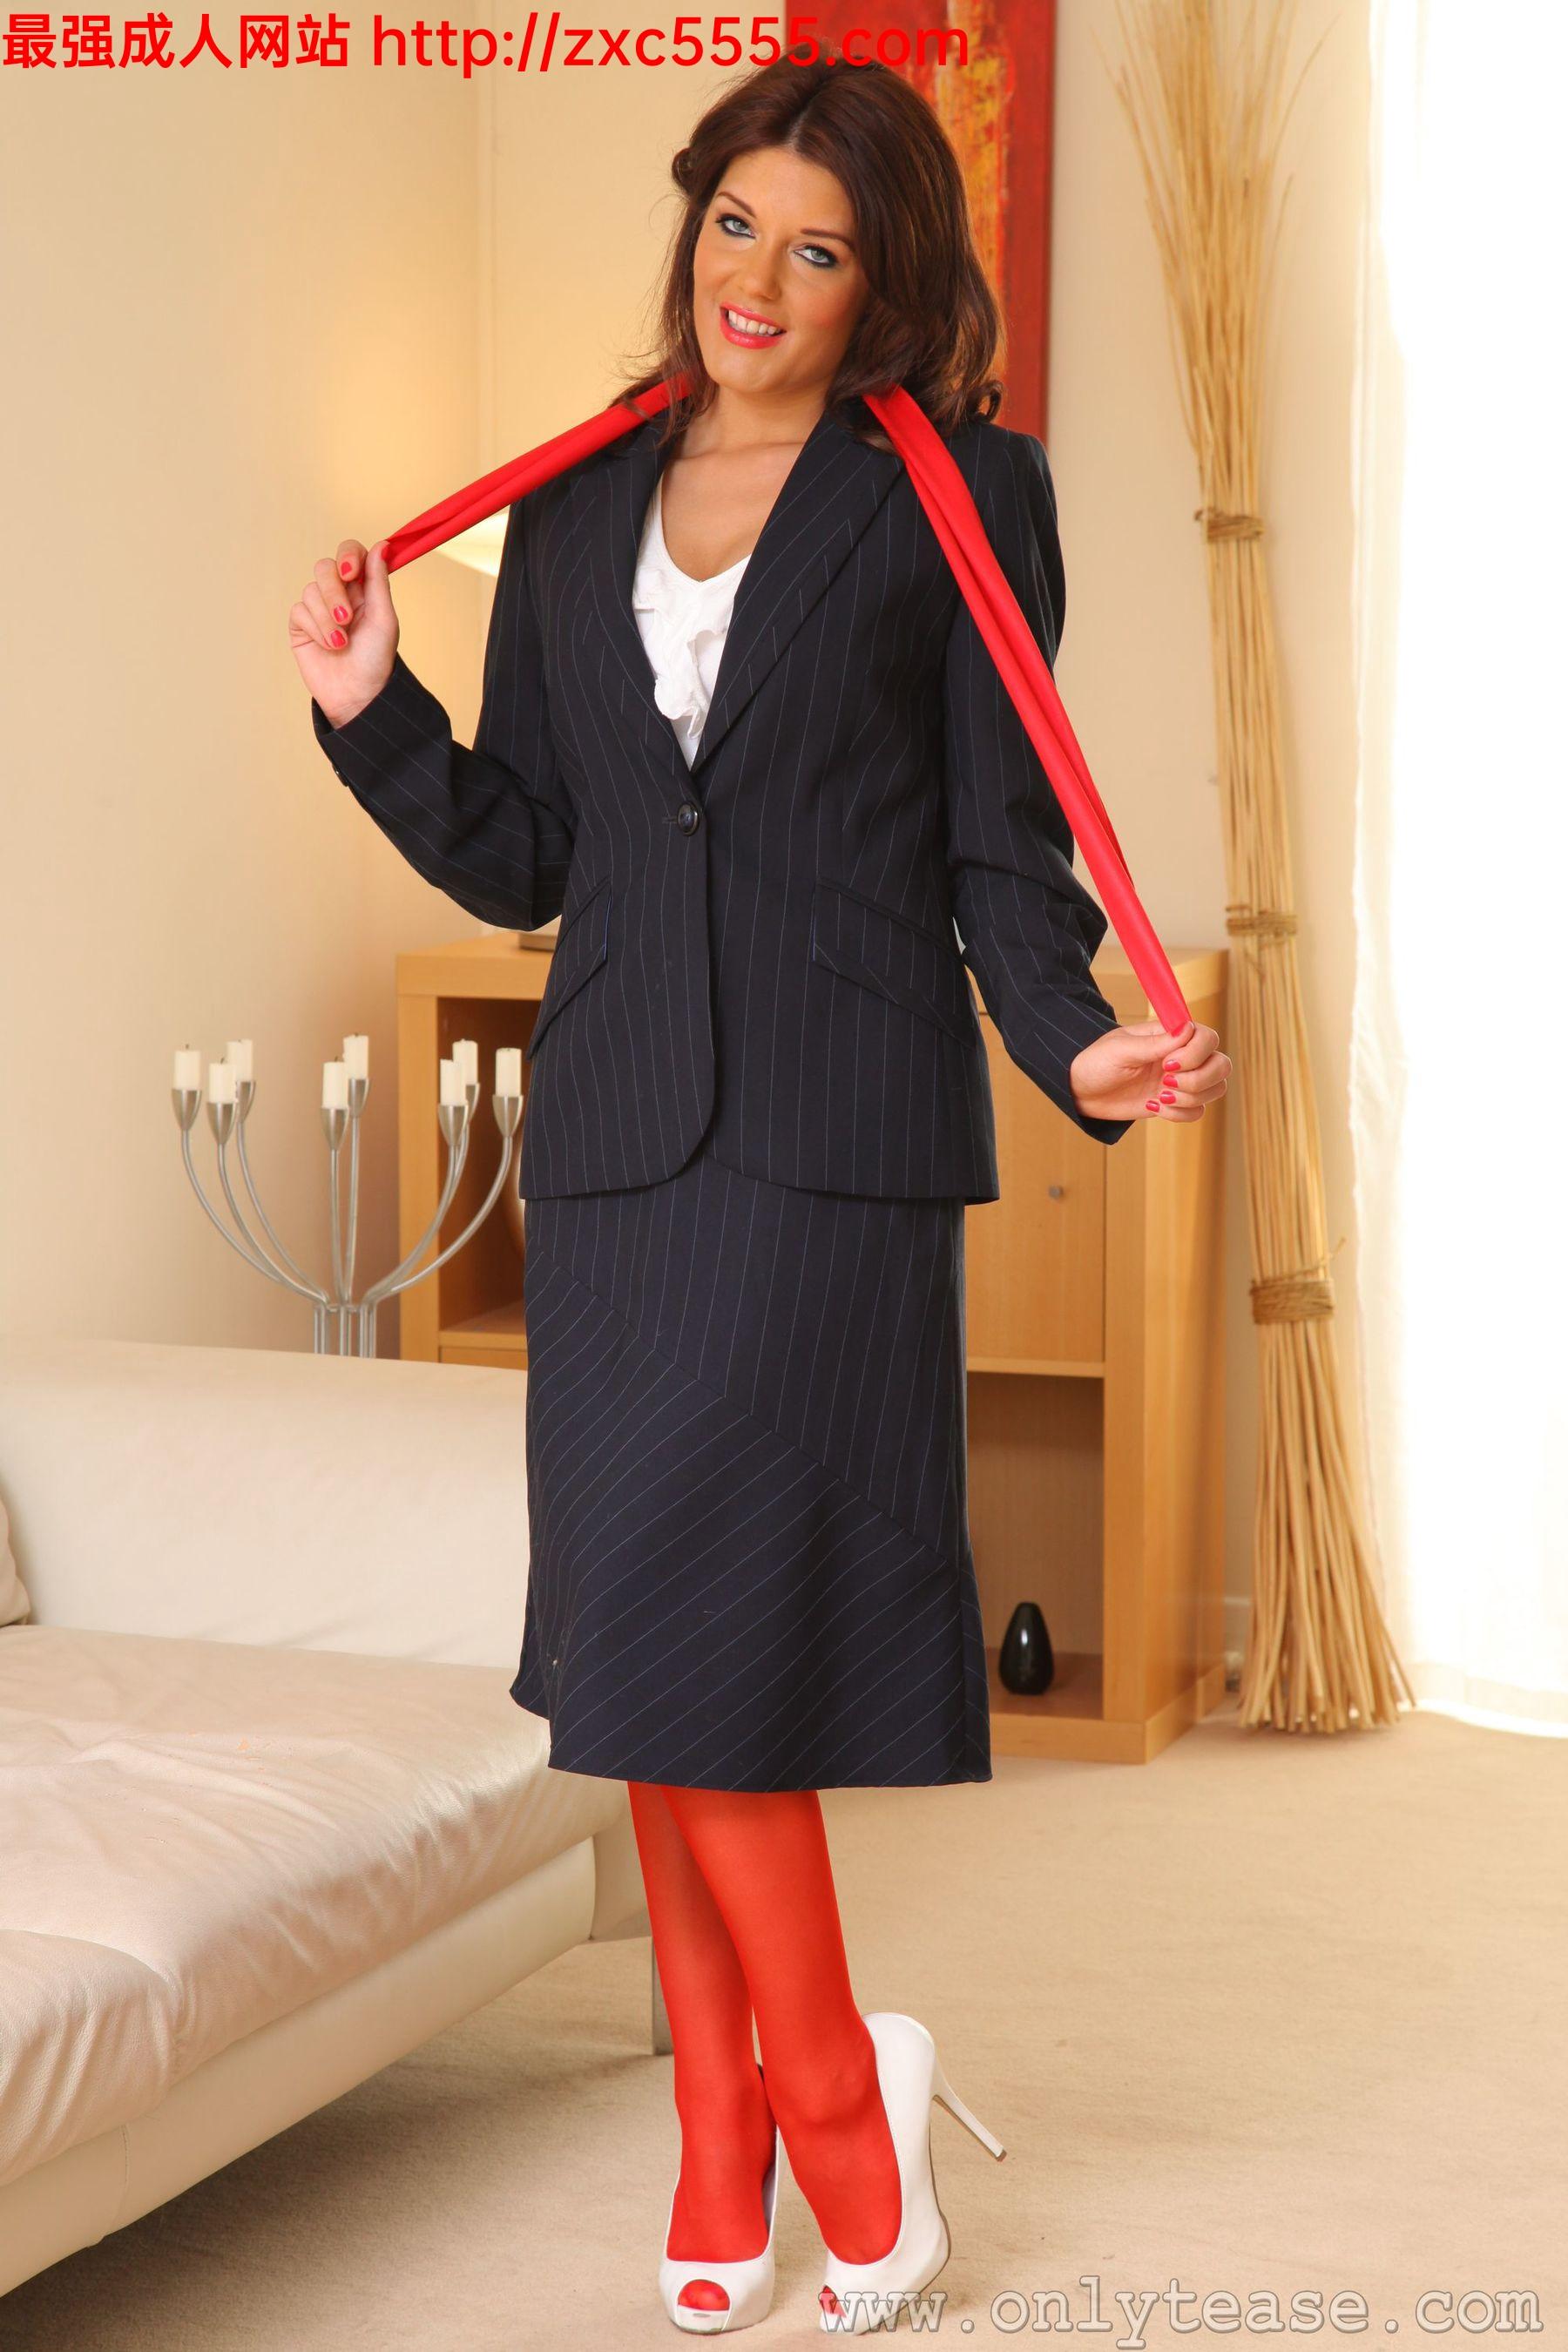 成人伦理激情_红丝袜空姐制服模特[60P]-女女色-爱爱综合网-伦理电影-偷拍图片